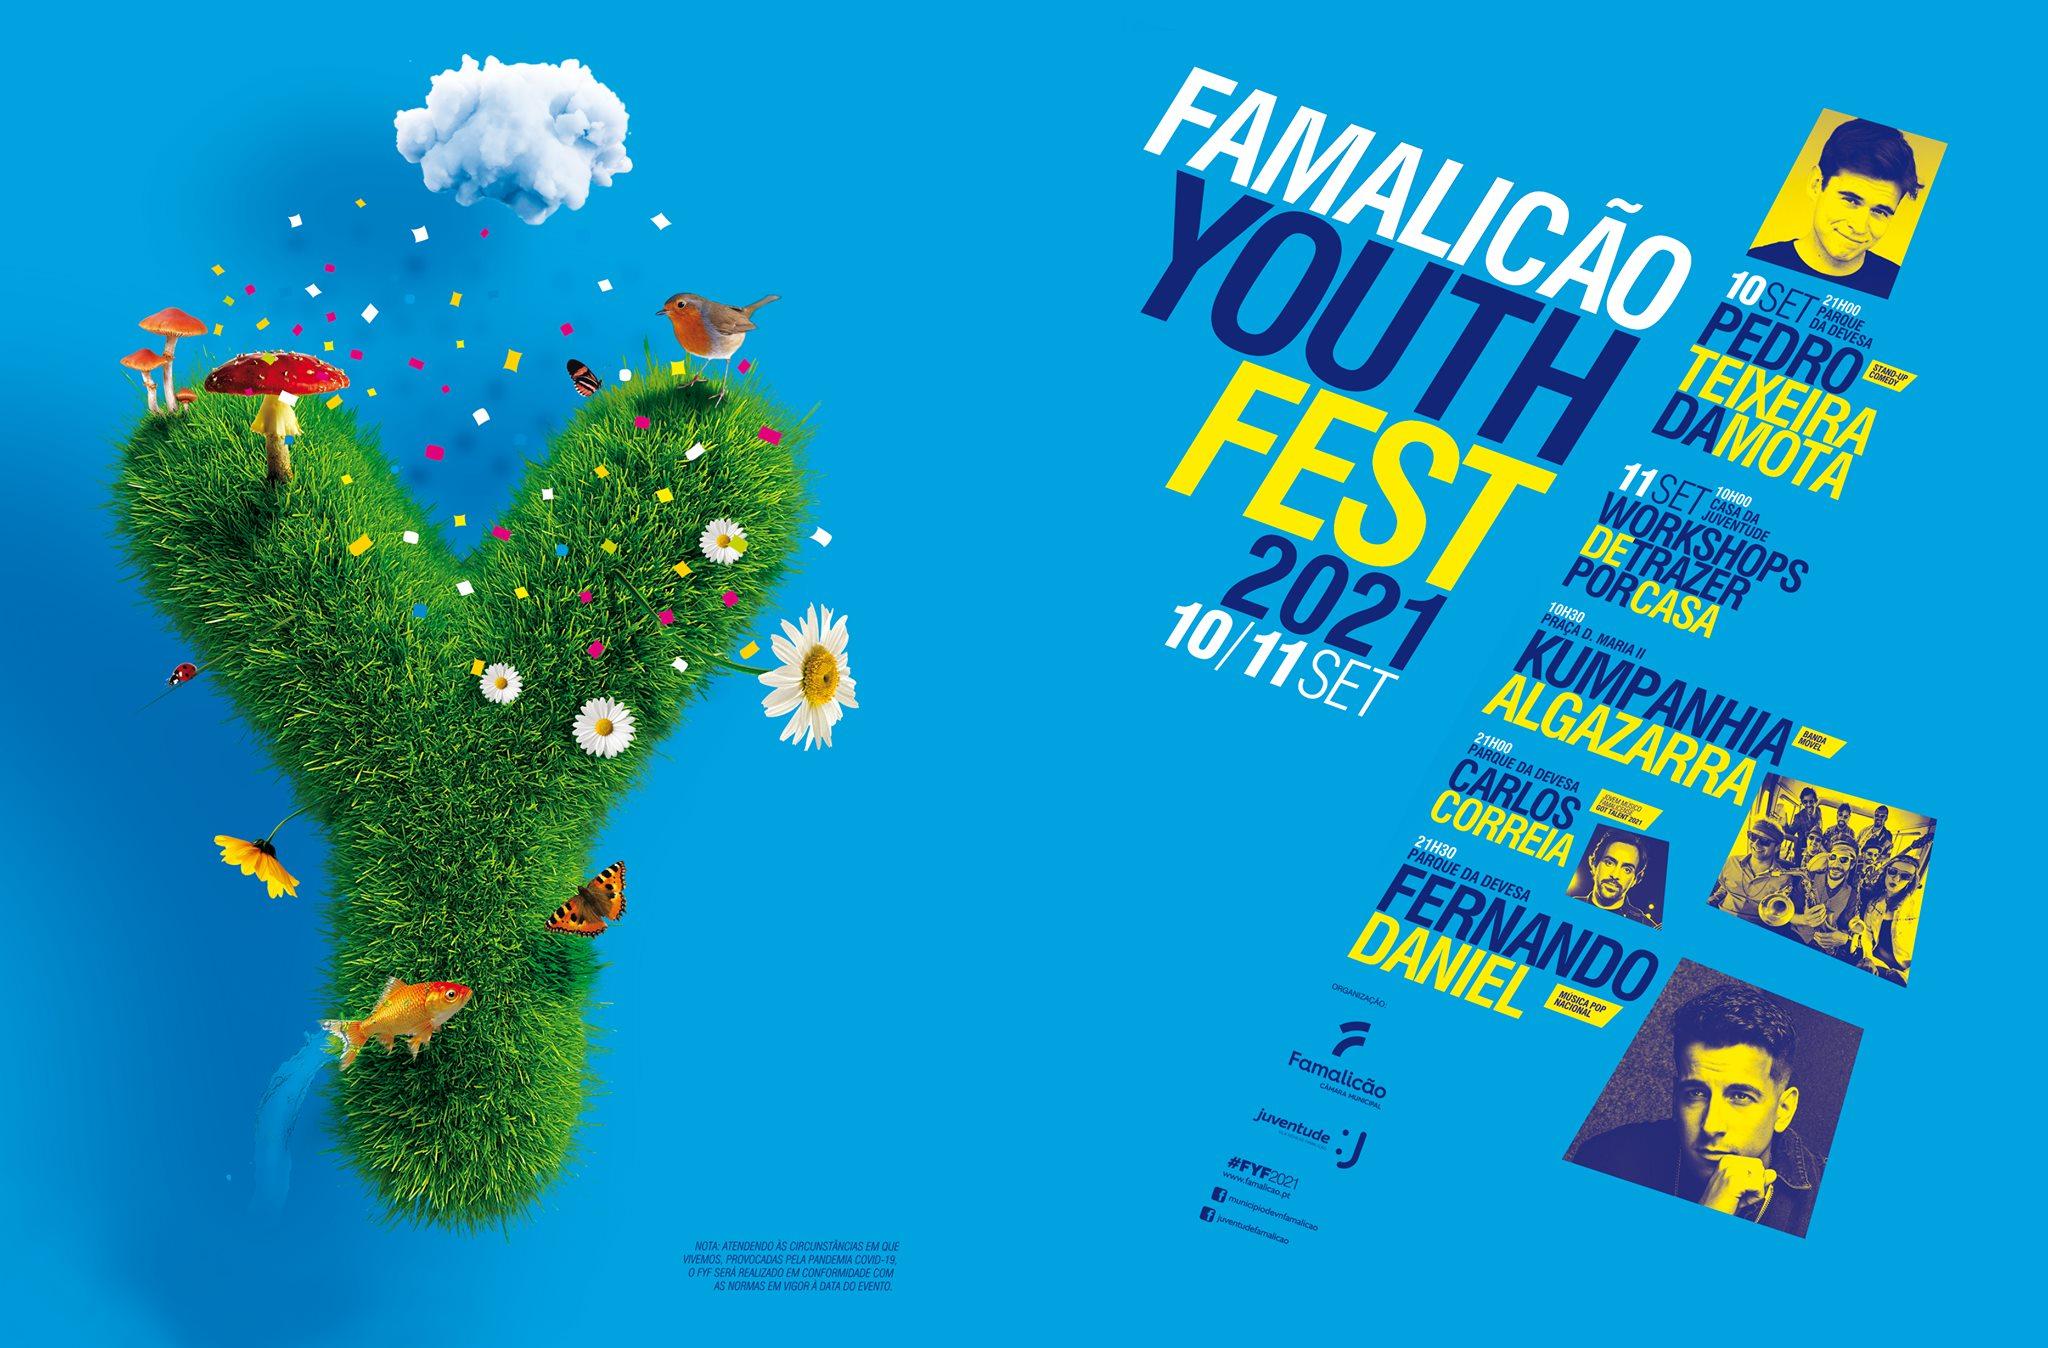 Famalicão Youth Fest 2021